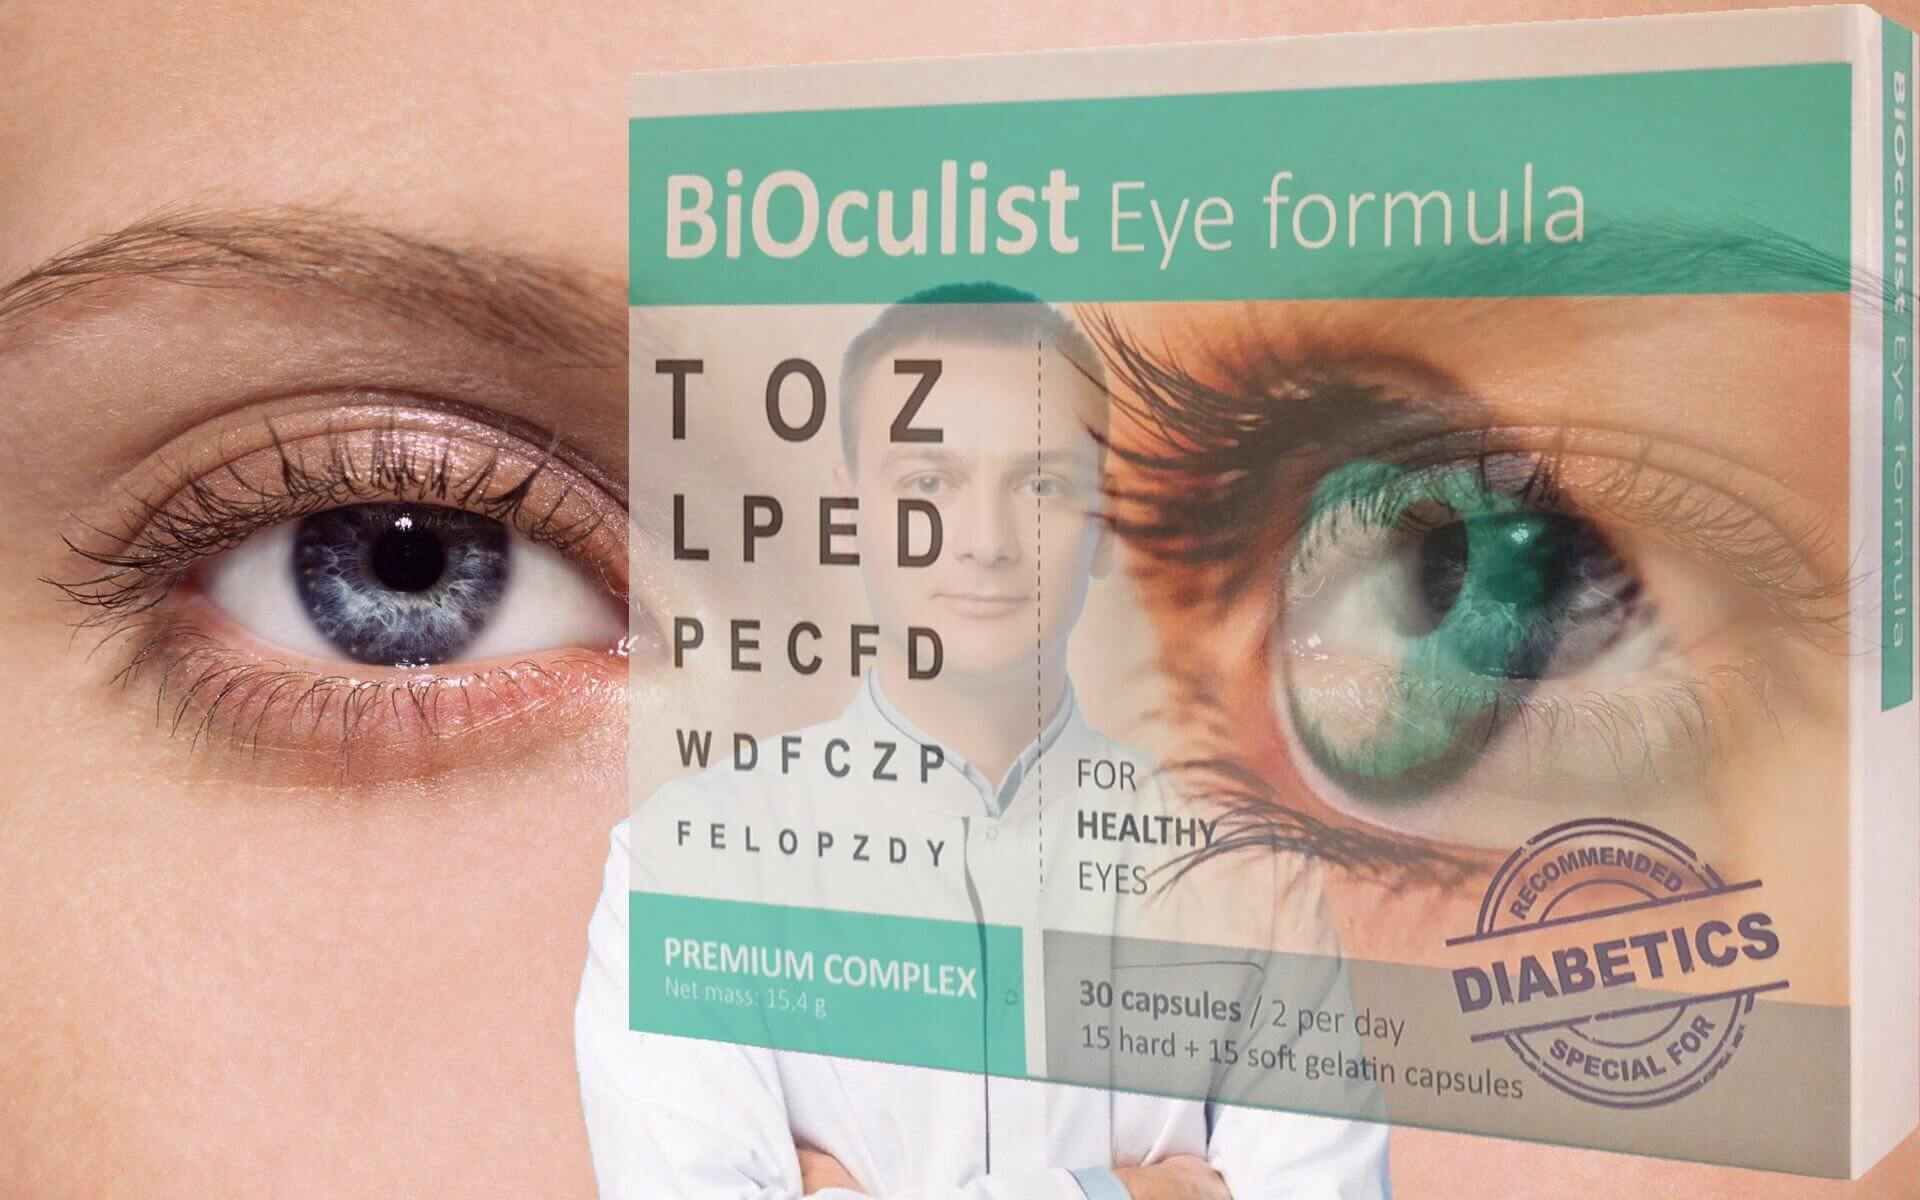 hogyan kell áfonyát venni a látás helyreállításához